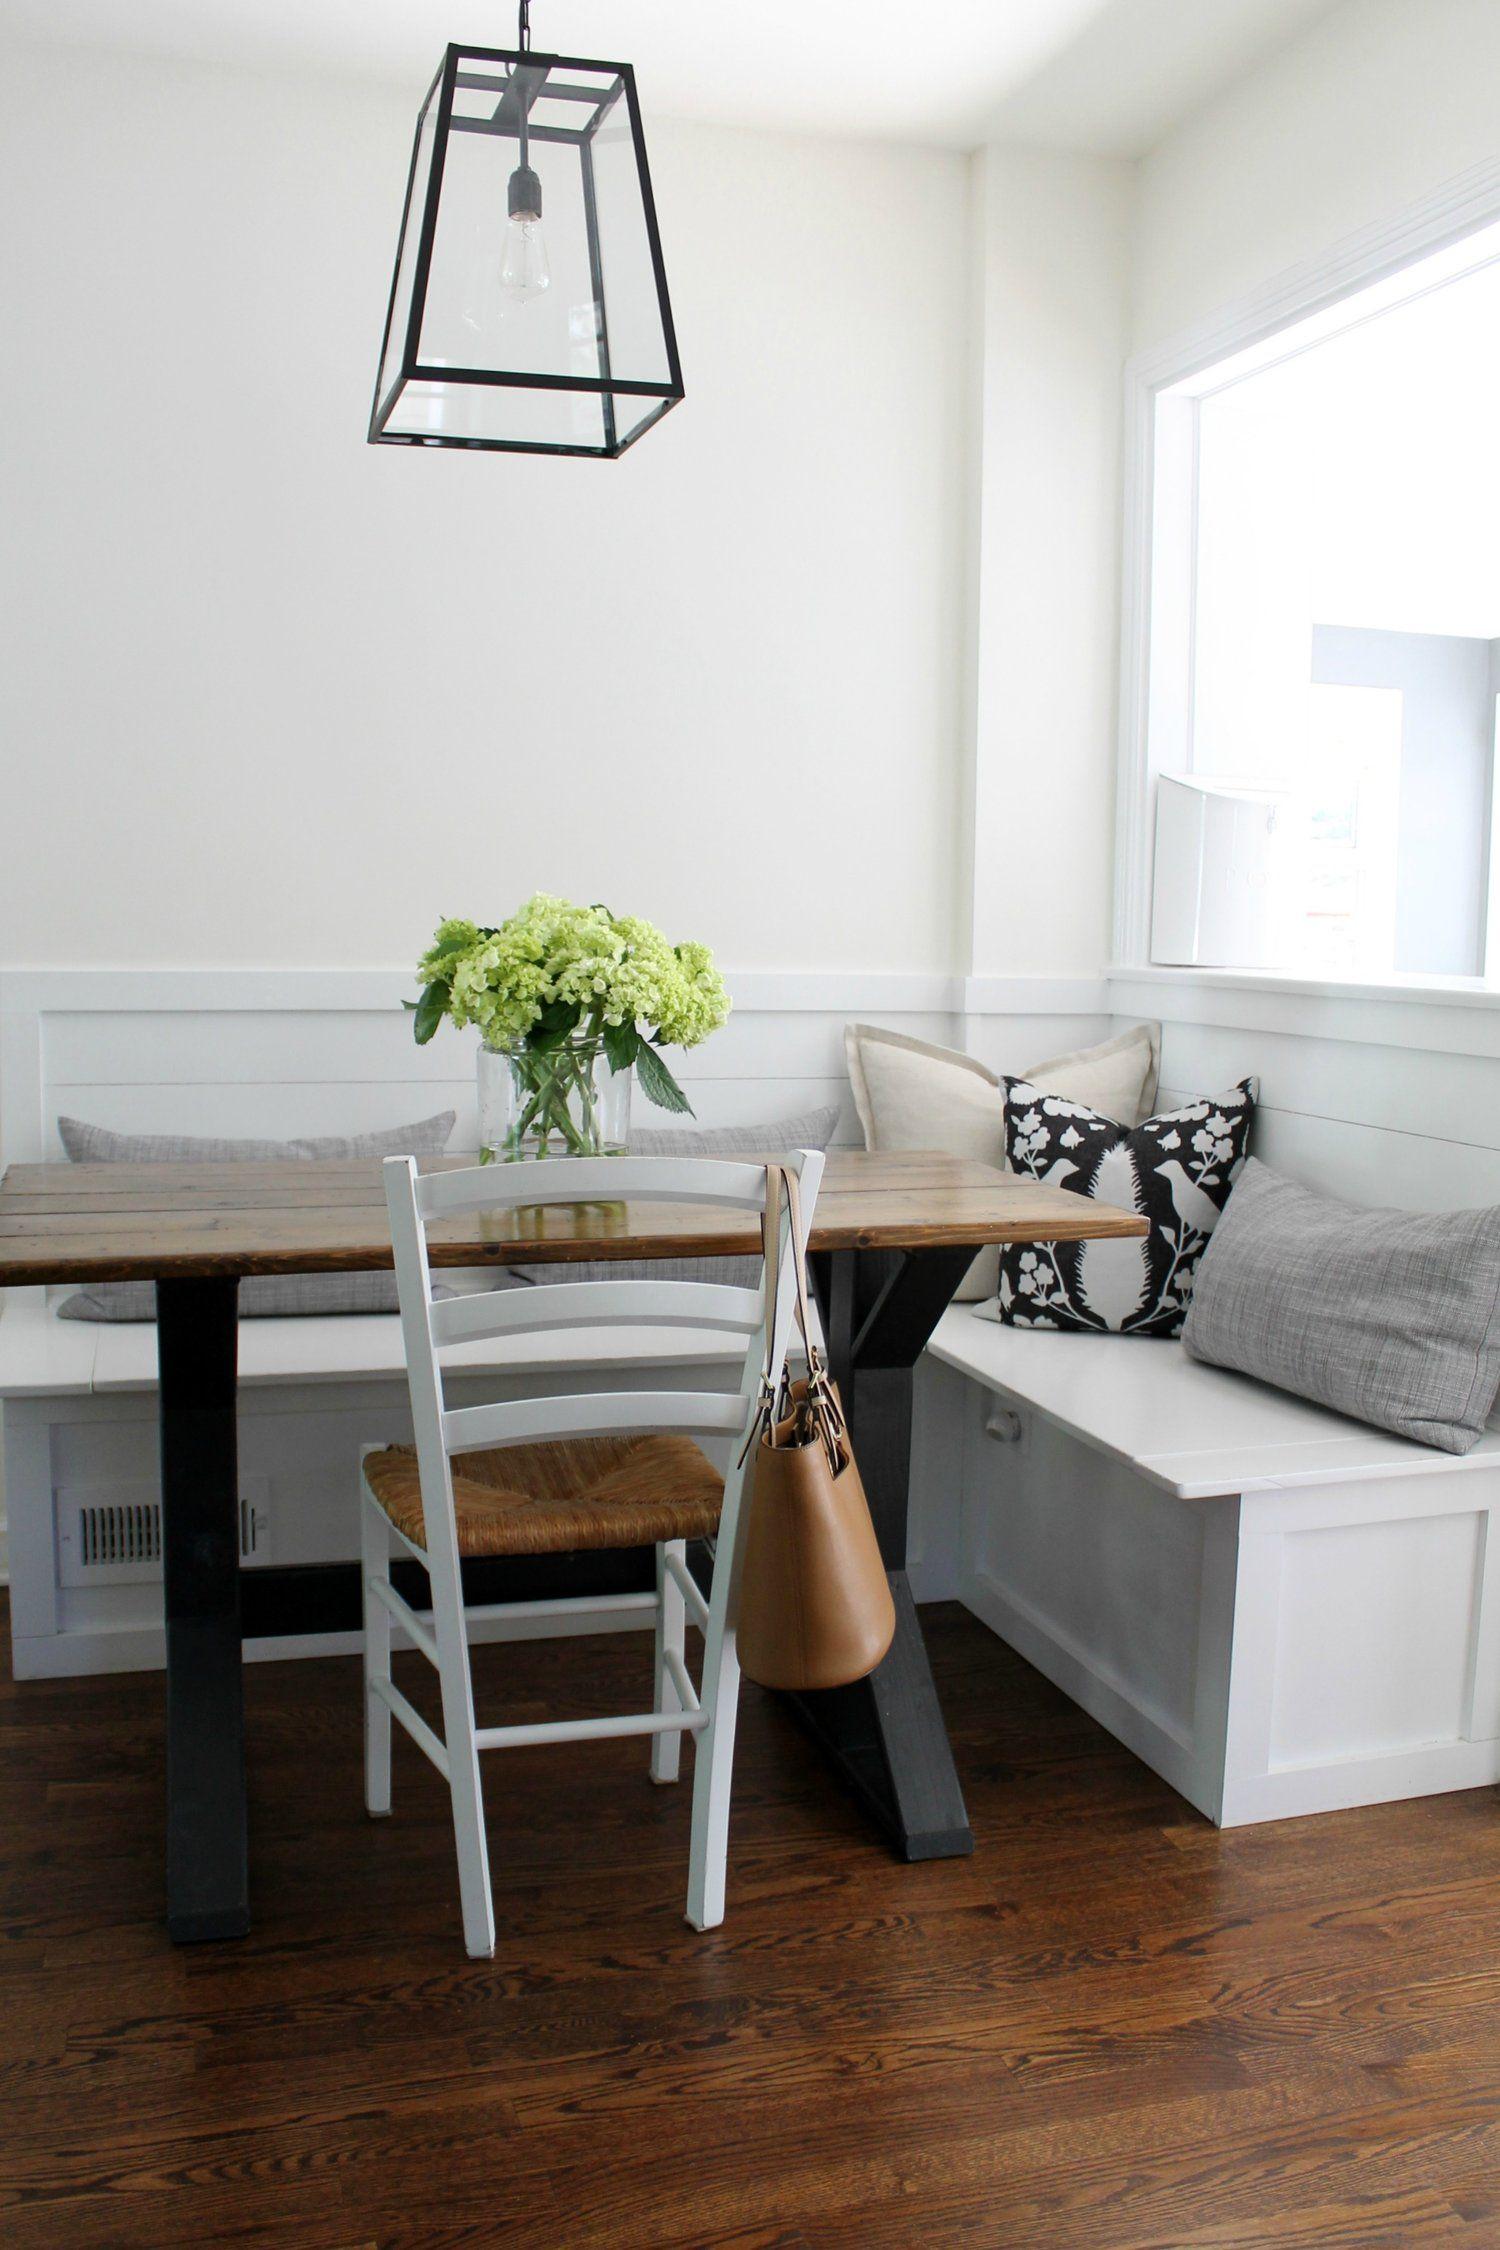 Small Home Style: Cape Cod Chicago Home Tour | Cape cod ...